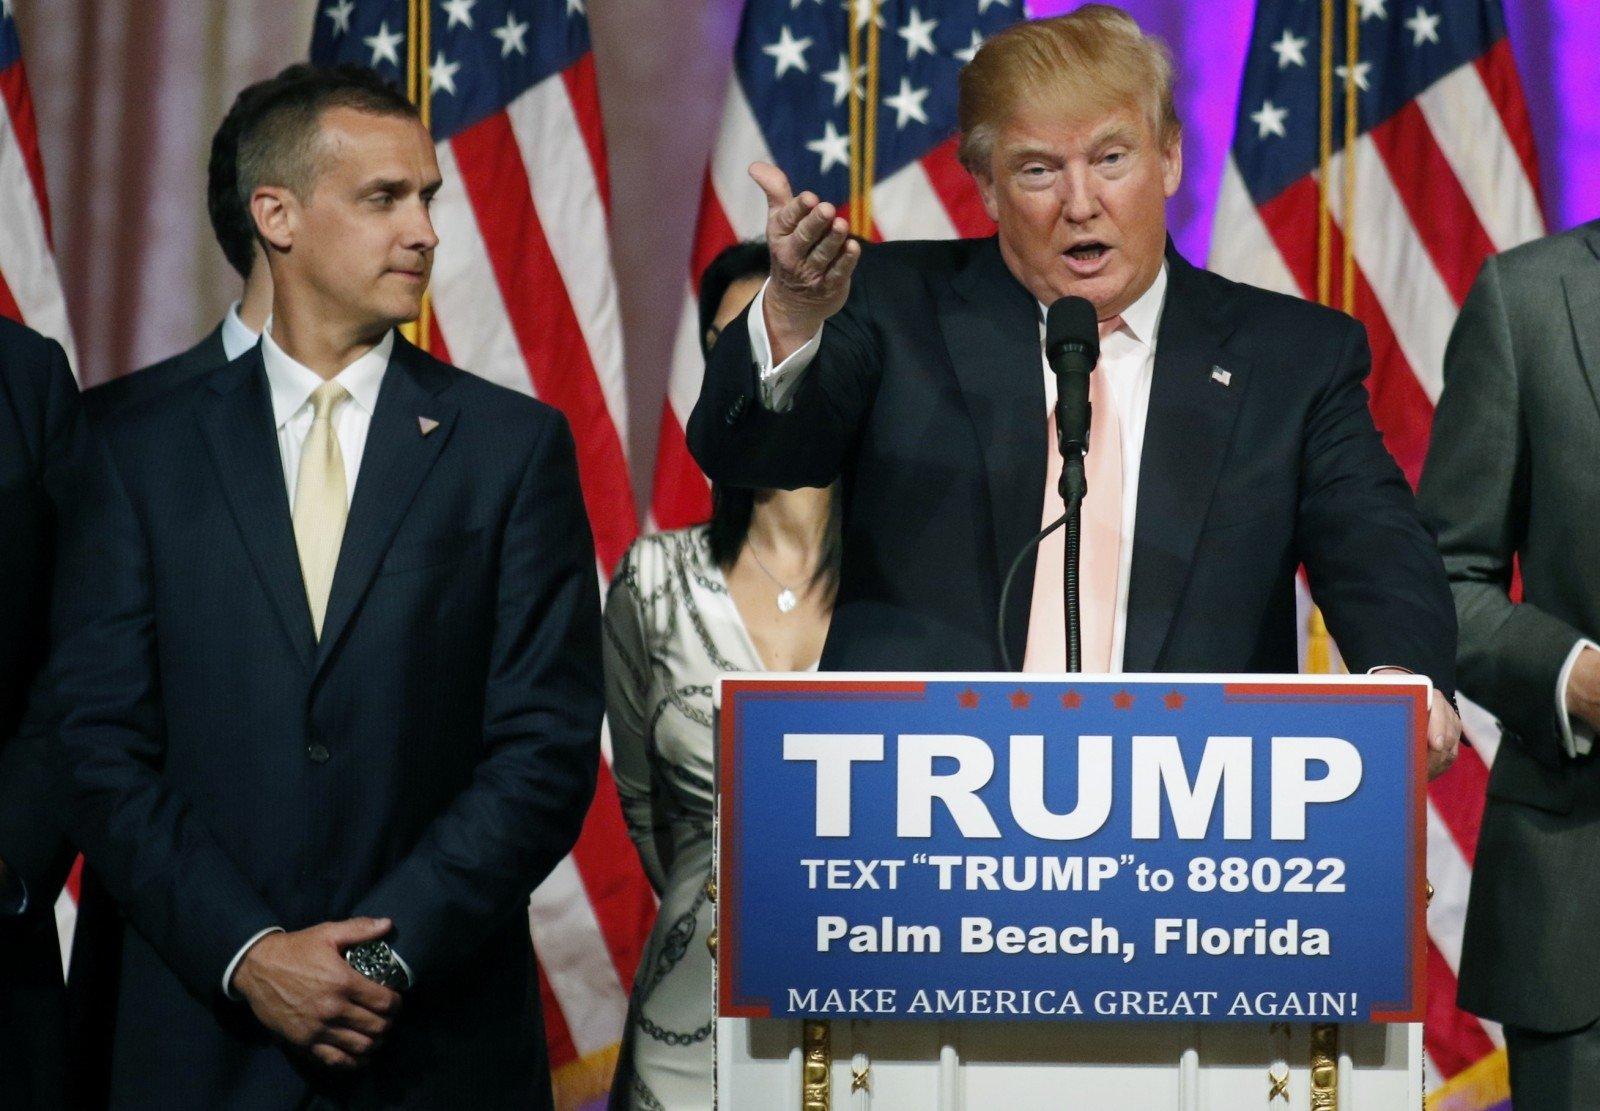 Дональд Трамп пообещал депортировать два млн. человек сразу после вступления вдолжность